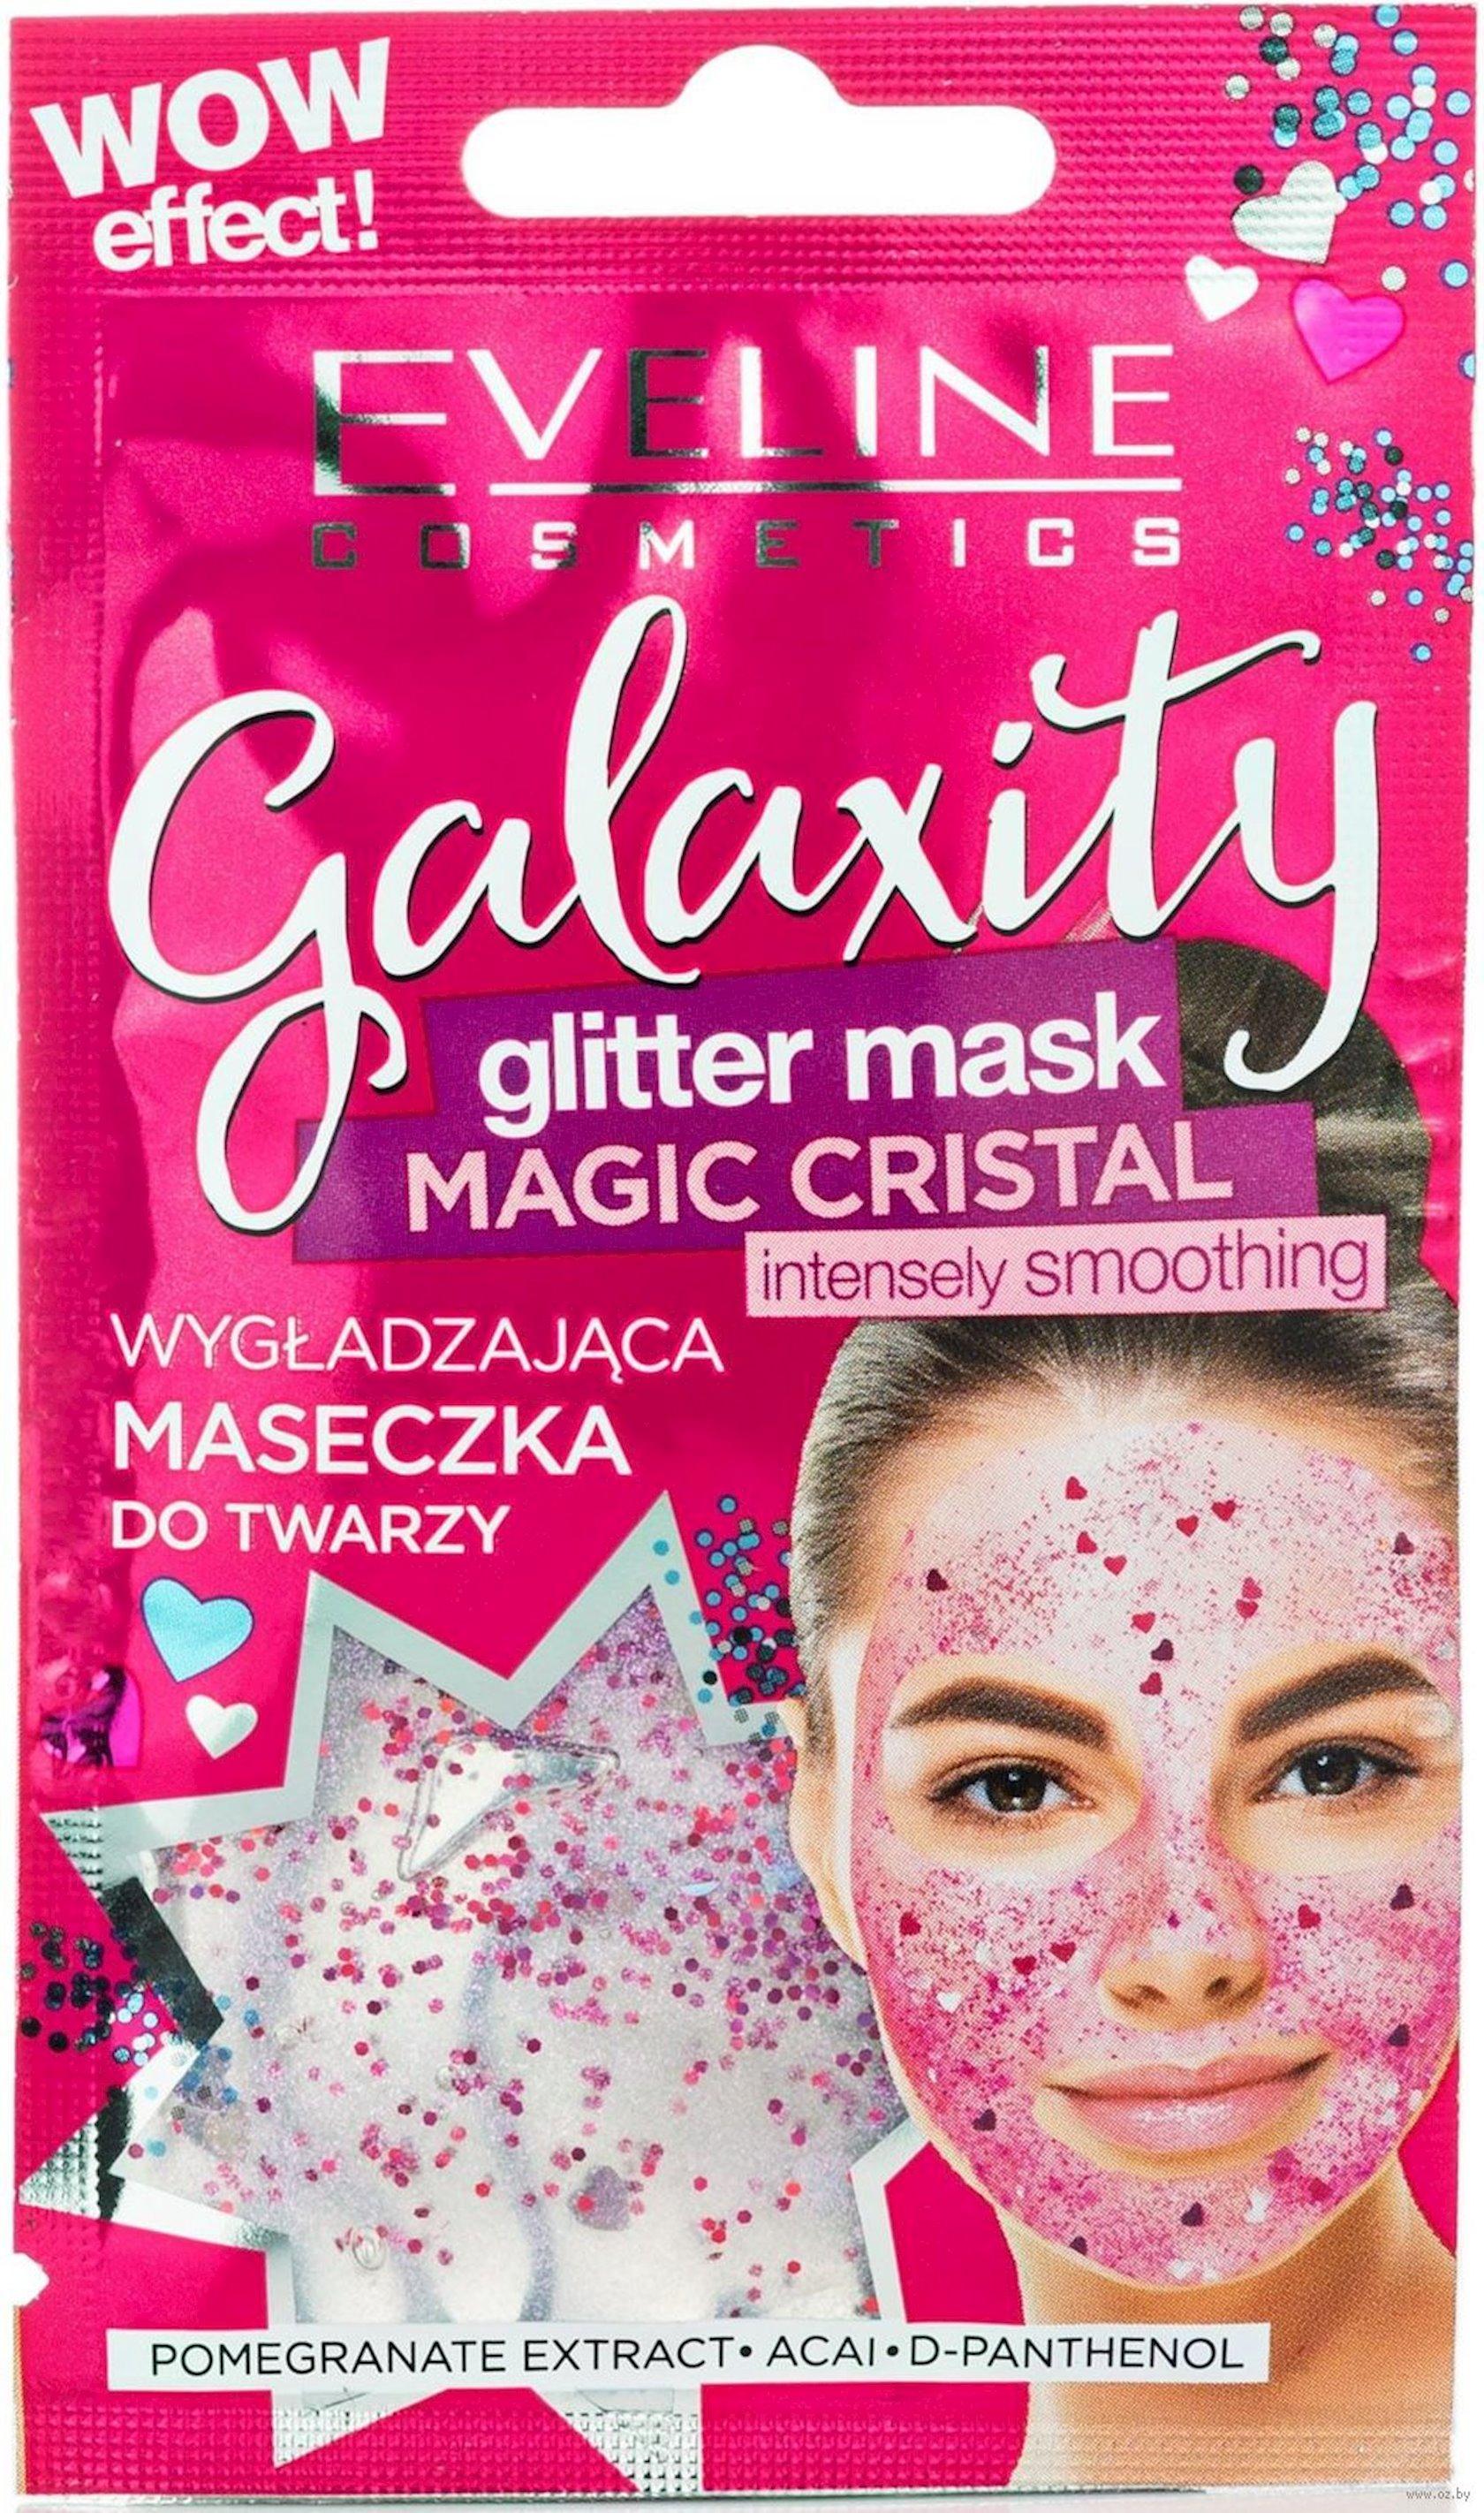 Gel-maska Eveline Cosmetics Galaxity parıltılı